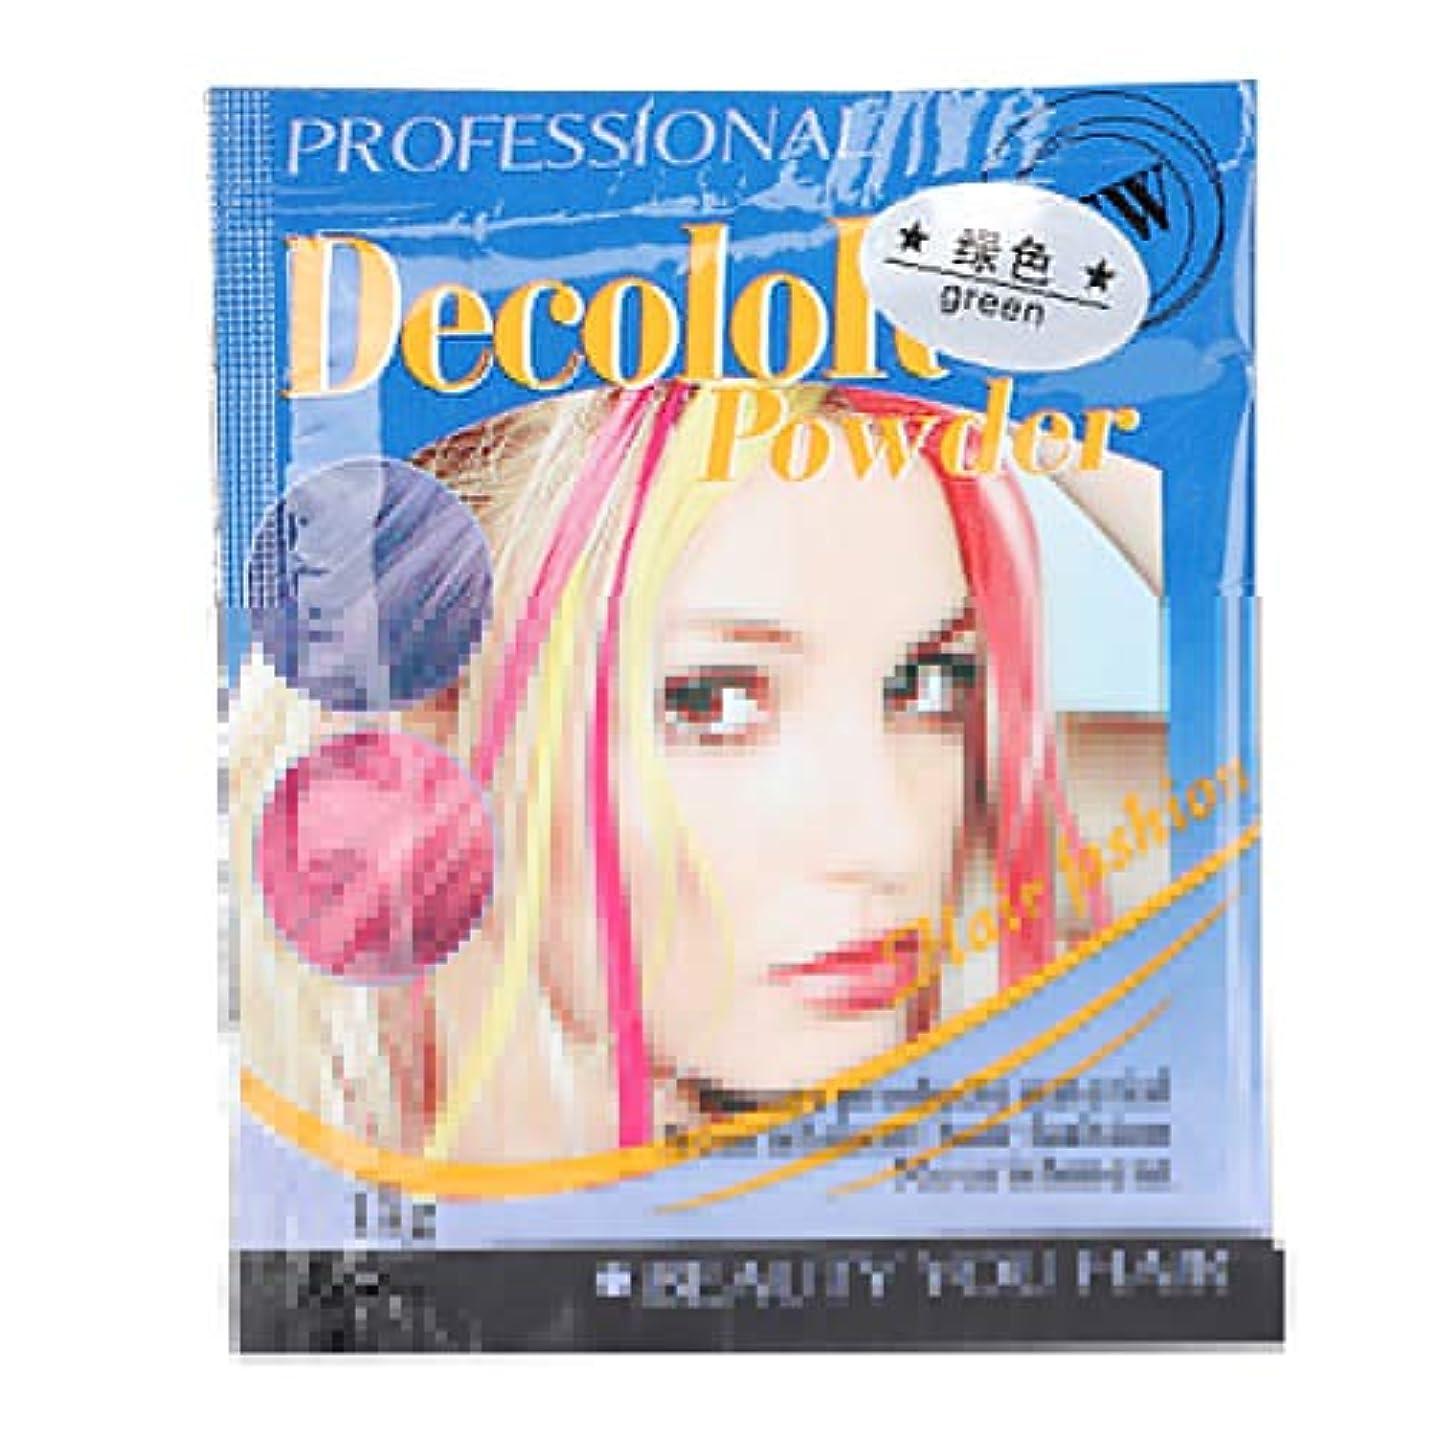 コマンド人適性30pcs漂白パウダーヘアライターヘアブリーチパウダーキットのライトニングパウダー(# 1)